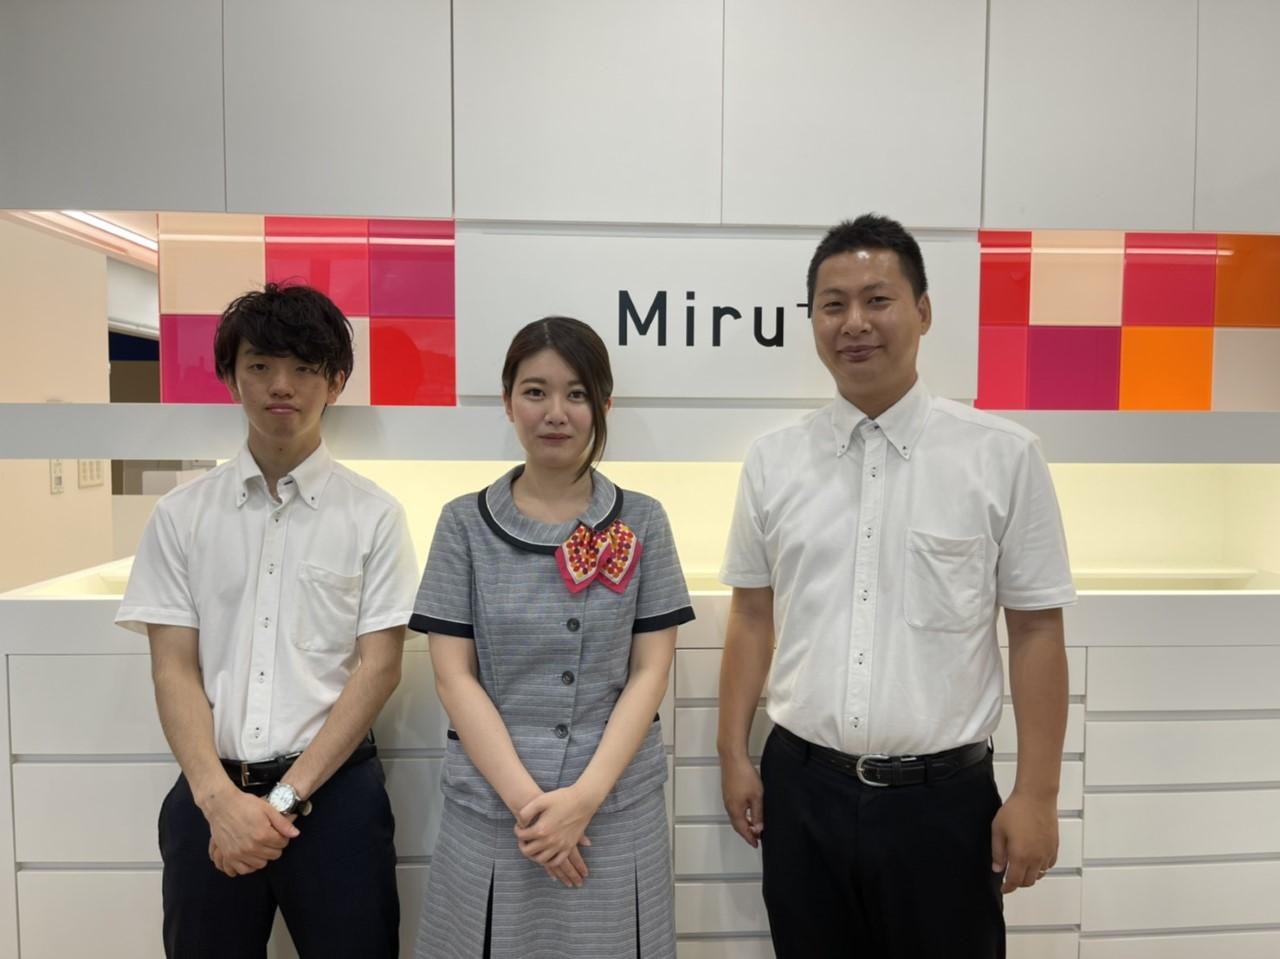 Miru+写真.jpg